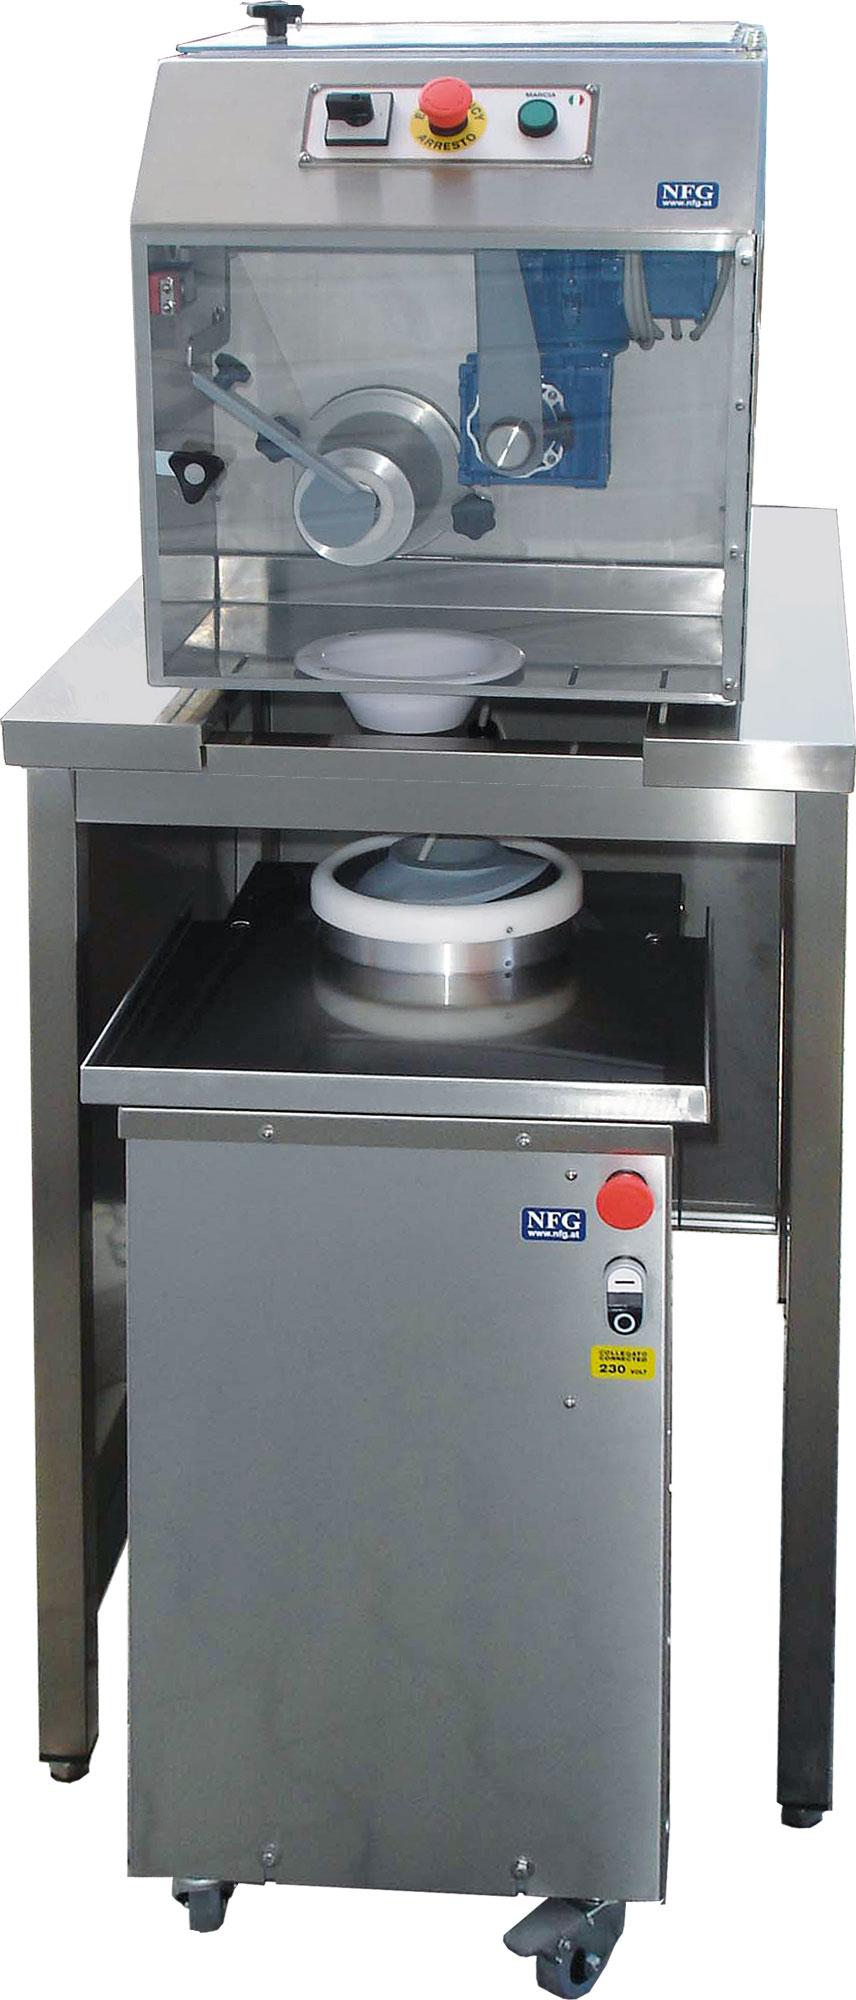 NFG Vorbereitung und Teigwarengeräte Teigportioniermaschine und Abrundmaschine Kombination PGT-PORT300+ABRU300+UNTERG